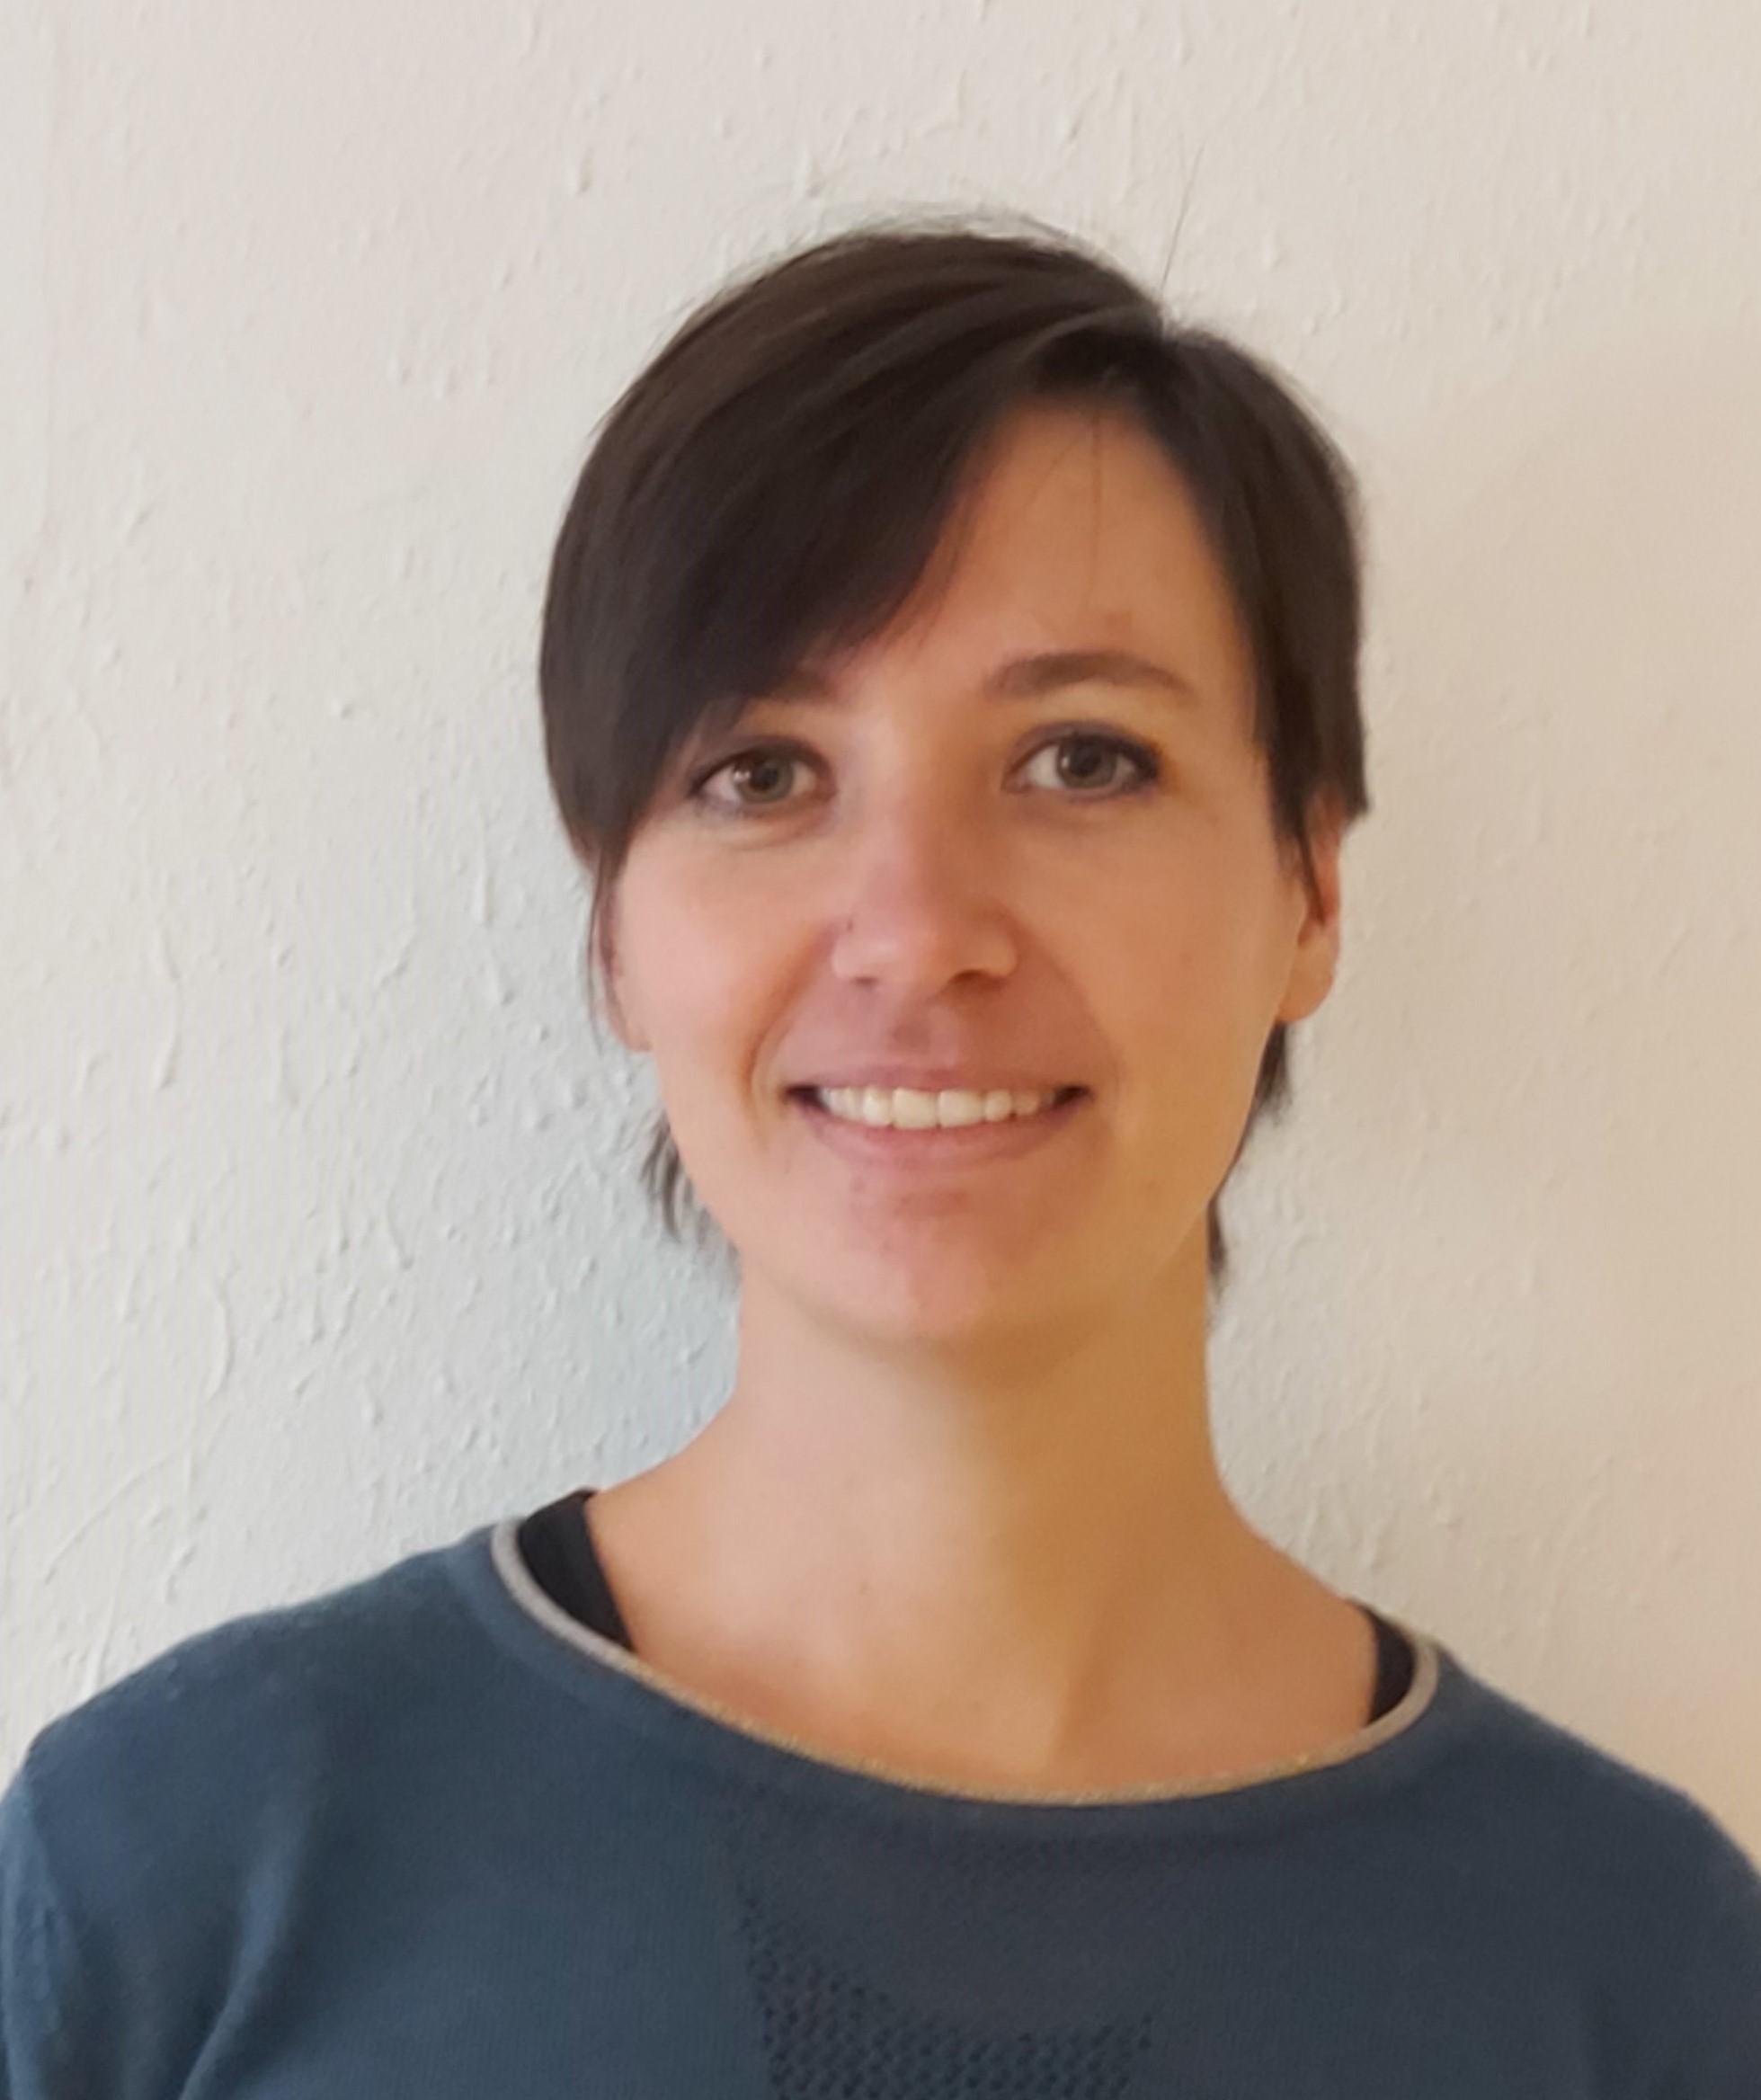 Fleur Wirtz - Educatief Medewerker | Unie van Actieve Verenigingen